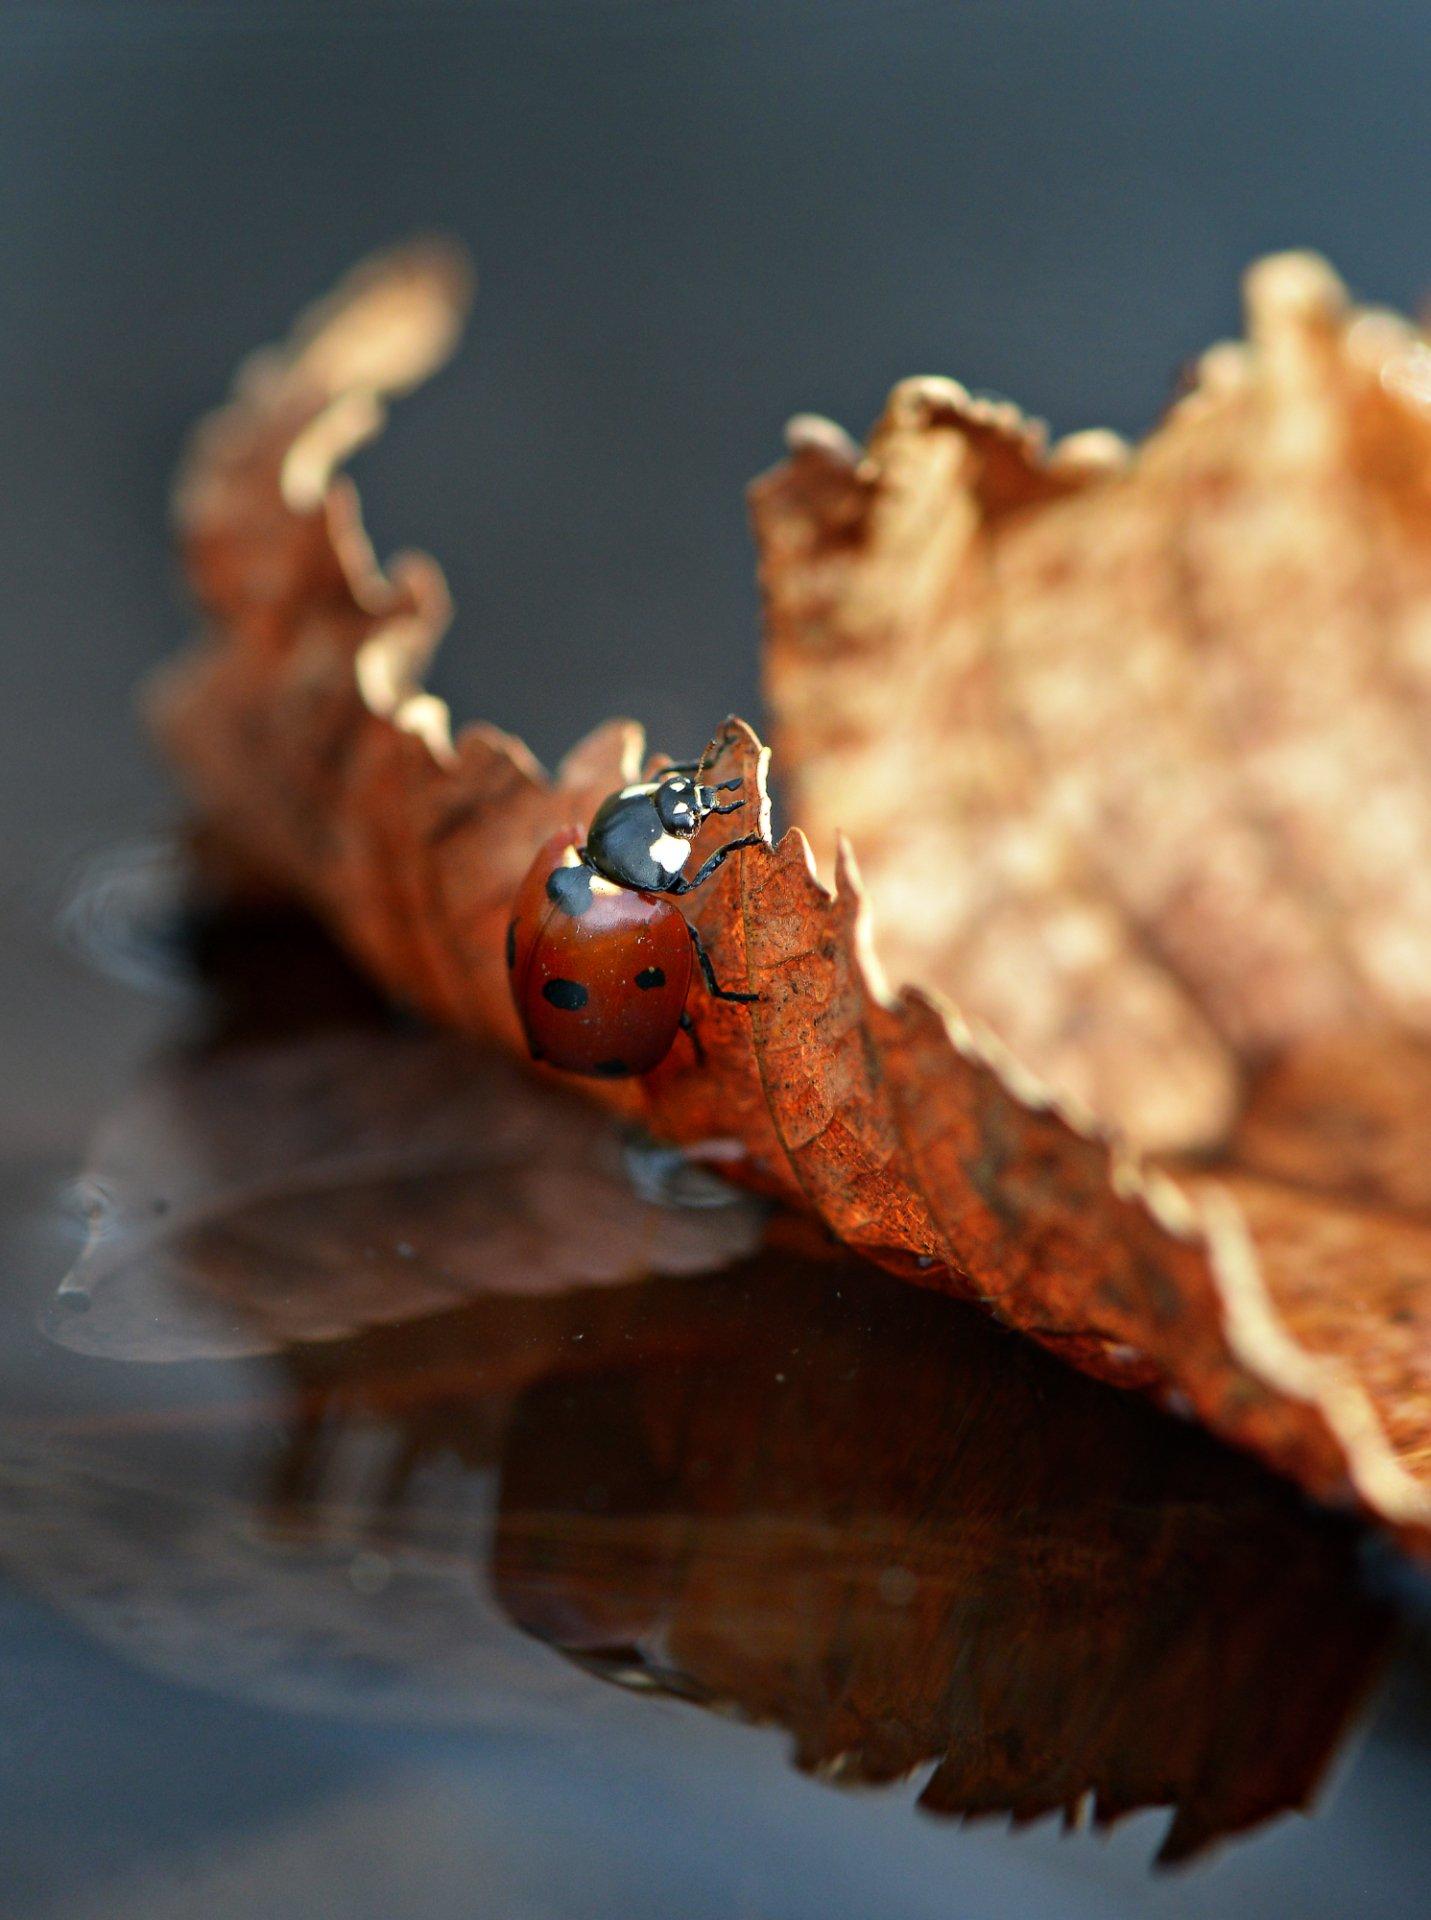 природа, макро, осень, опавший лист, вода, плавсредство, насекомое, божья коровка, Неля Рачкова